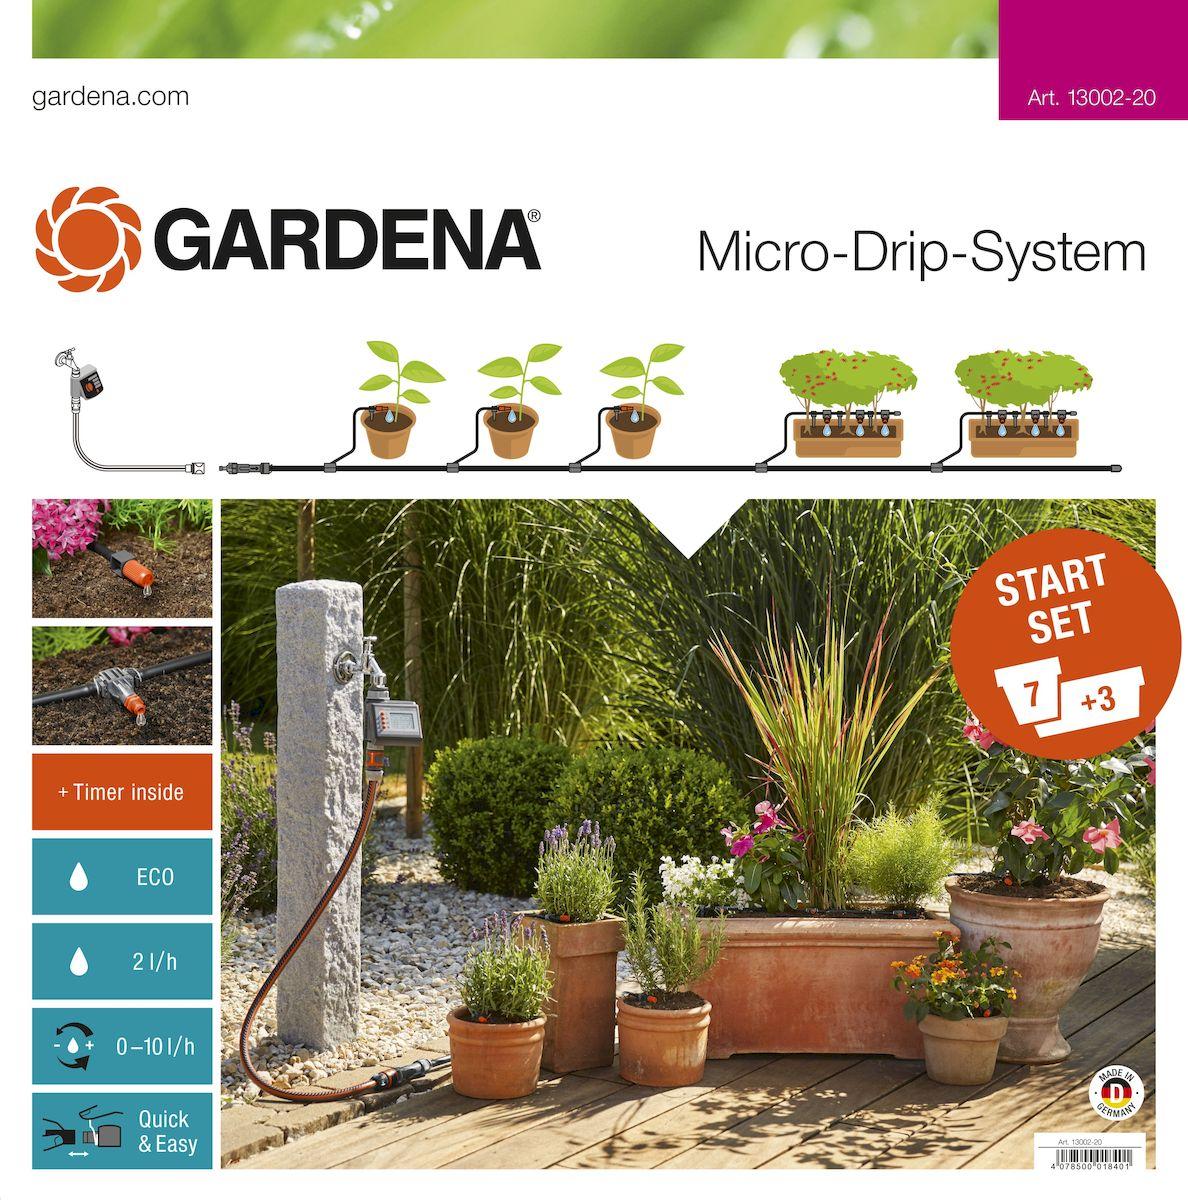 Комплект микрокапельного полива Gardena, базовый с таймером13002-20.000.00Комплект микрокапельного полива Gardena предназначен для микрокапельного полива, который может применяться в различных целях. Комплект может использоваться для 7 горшечных растений и 3 цветочных ящиков. Таймер автоматического полива EasyConrol обеспечивает полностью автоматический полив. Предусмотрена возможность включения в систему дополнительных элементов. В готовый к использованию базовый комплект входят все основные компоненты системы микрокапельного полива Micro-Drip-System, необходимые для простого полива различных растений. Комплект можно дополнять другими компонентами системы Micro-Drip-System. В комплекте: - таймер автоматического полива EasyControl; - мастер-блок 1000; - шланг магистральный 15 м; - шланг подающий 10 м; - соединитель Т-образный 13 мм (1/2);- соединитель Т-образный 10 шт; - колышки для крепления шлангов 4,6 мм (3/16), 15 шт; - колышки для крепления шлангов 13 мм (1/2), 10 шт; - регулируемая концевая капельница (10 л/ч) 7 шт; - внутренних капельниц (2 л/ч) 9 шт; - заглушка 4,6 мм (3/16), 3 шт; - заглушки 13 мм (1/2), 2шт; - игла для прочистки. Благодаря патентованной технологии быстрого соединения Quick & Easy, все элементы легко соединяются и разъединяются.